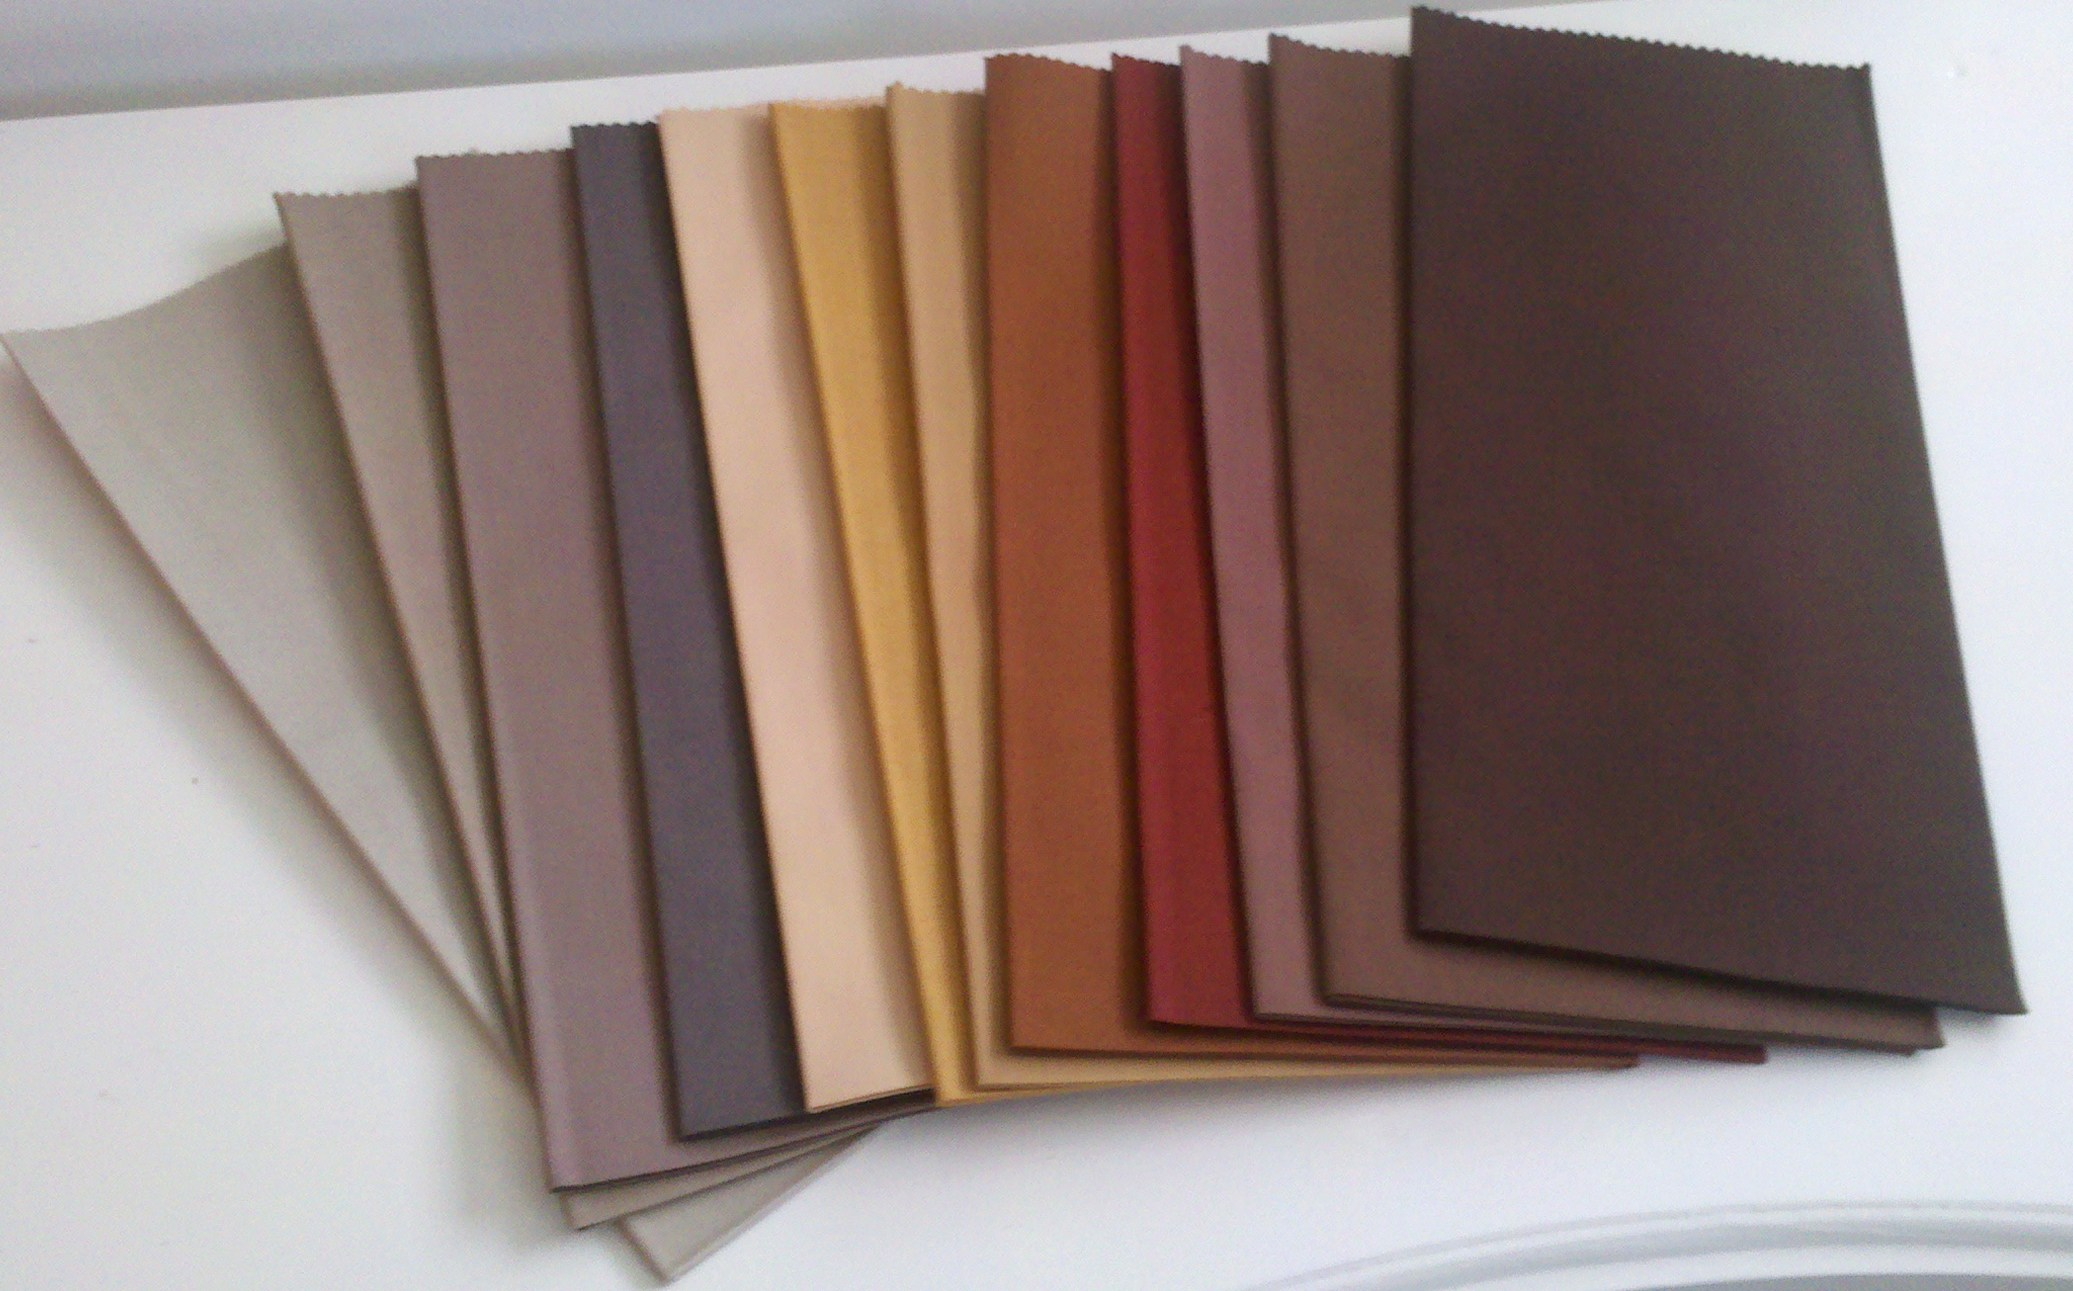 Blog de una asesora de imagen noticias de moda - Paleta de colores neutros ...